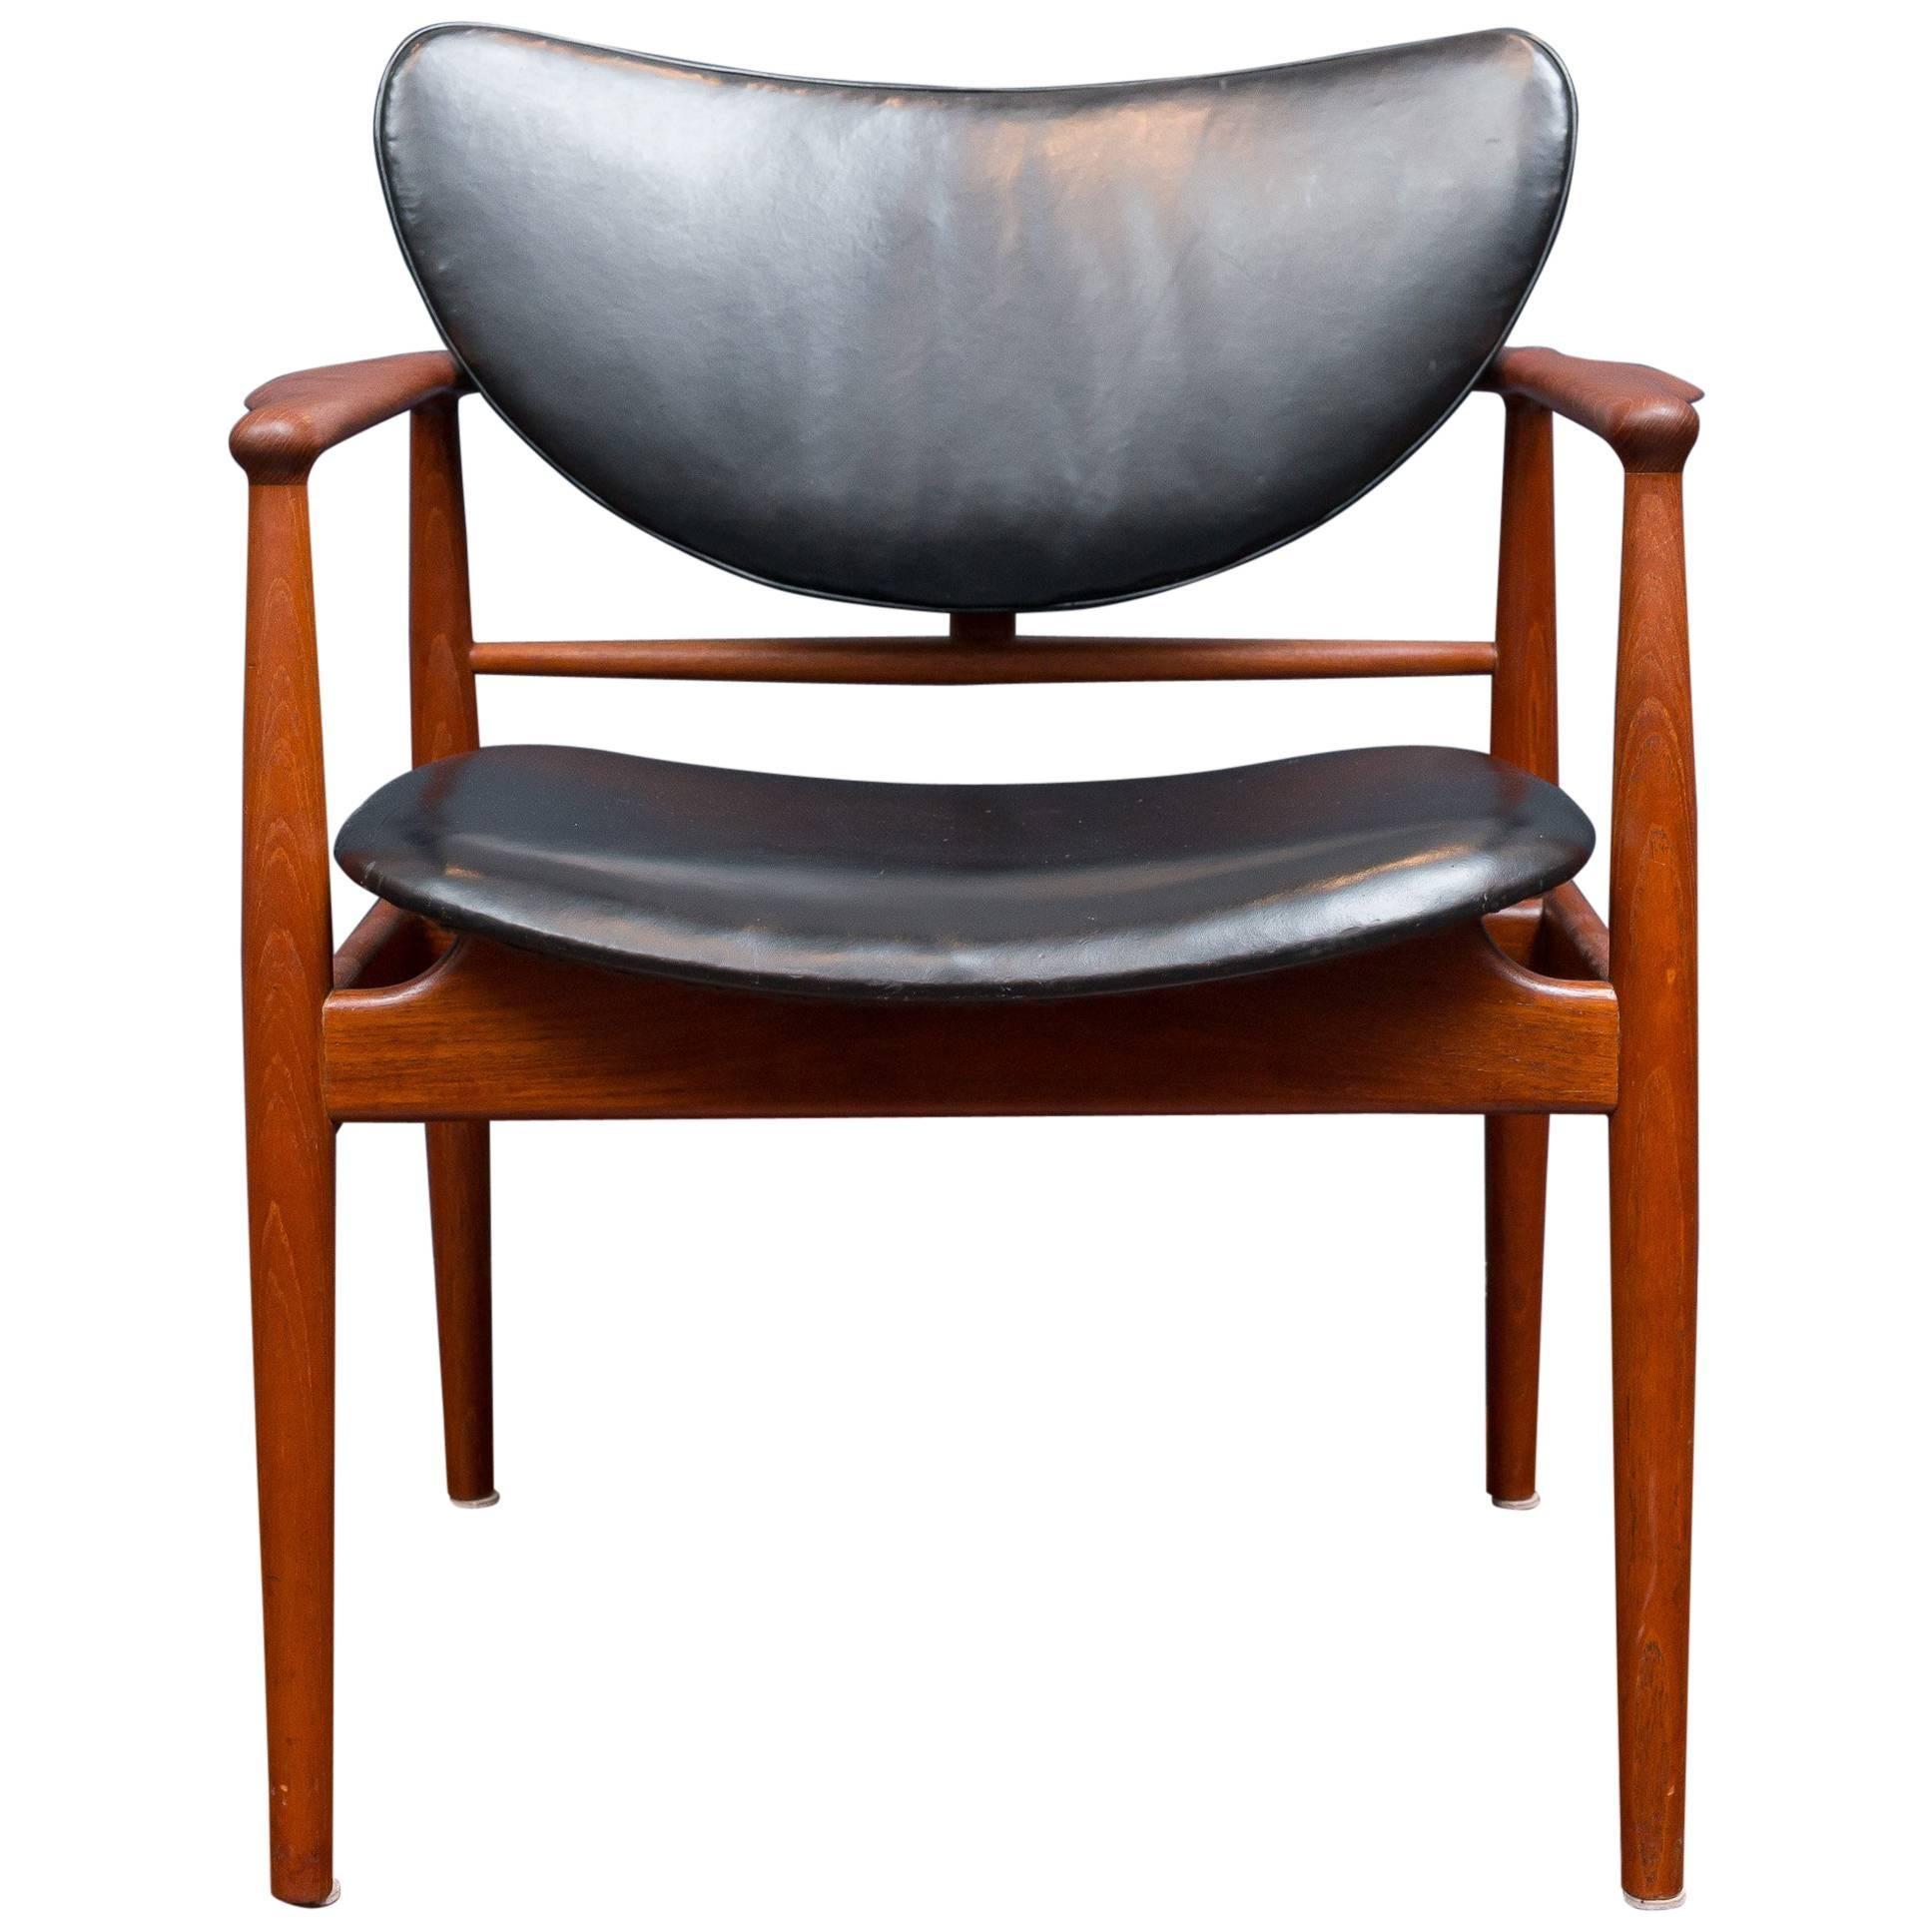 Finn Juhl NV 48 Chair for Niels Vodder